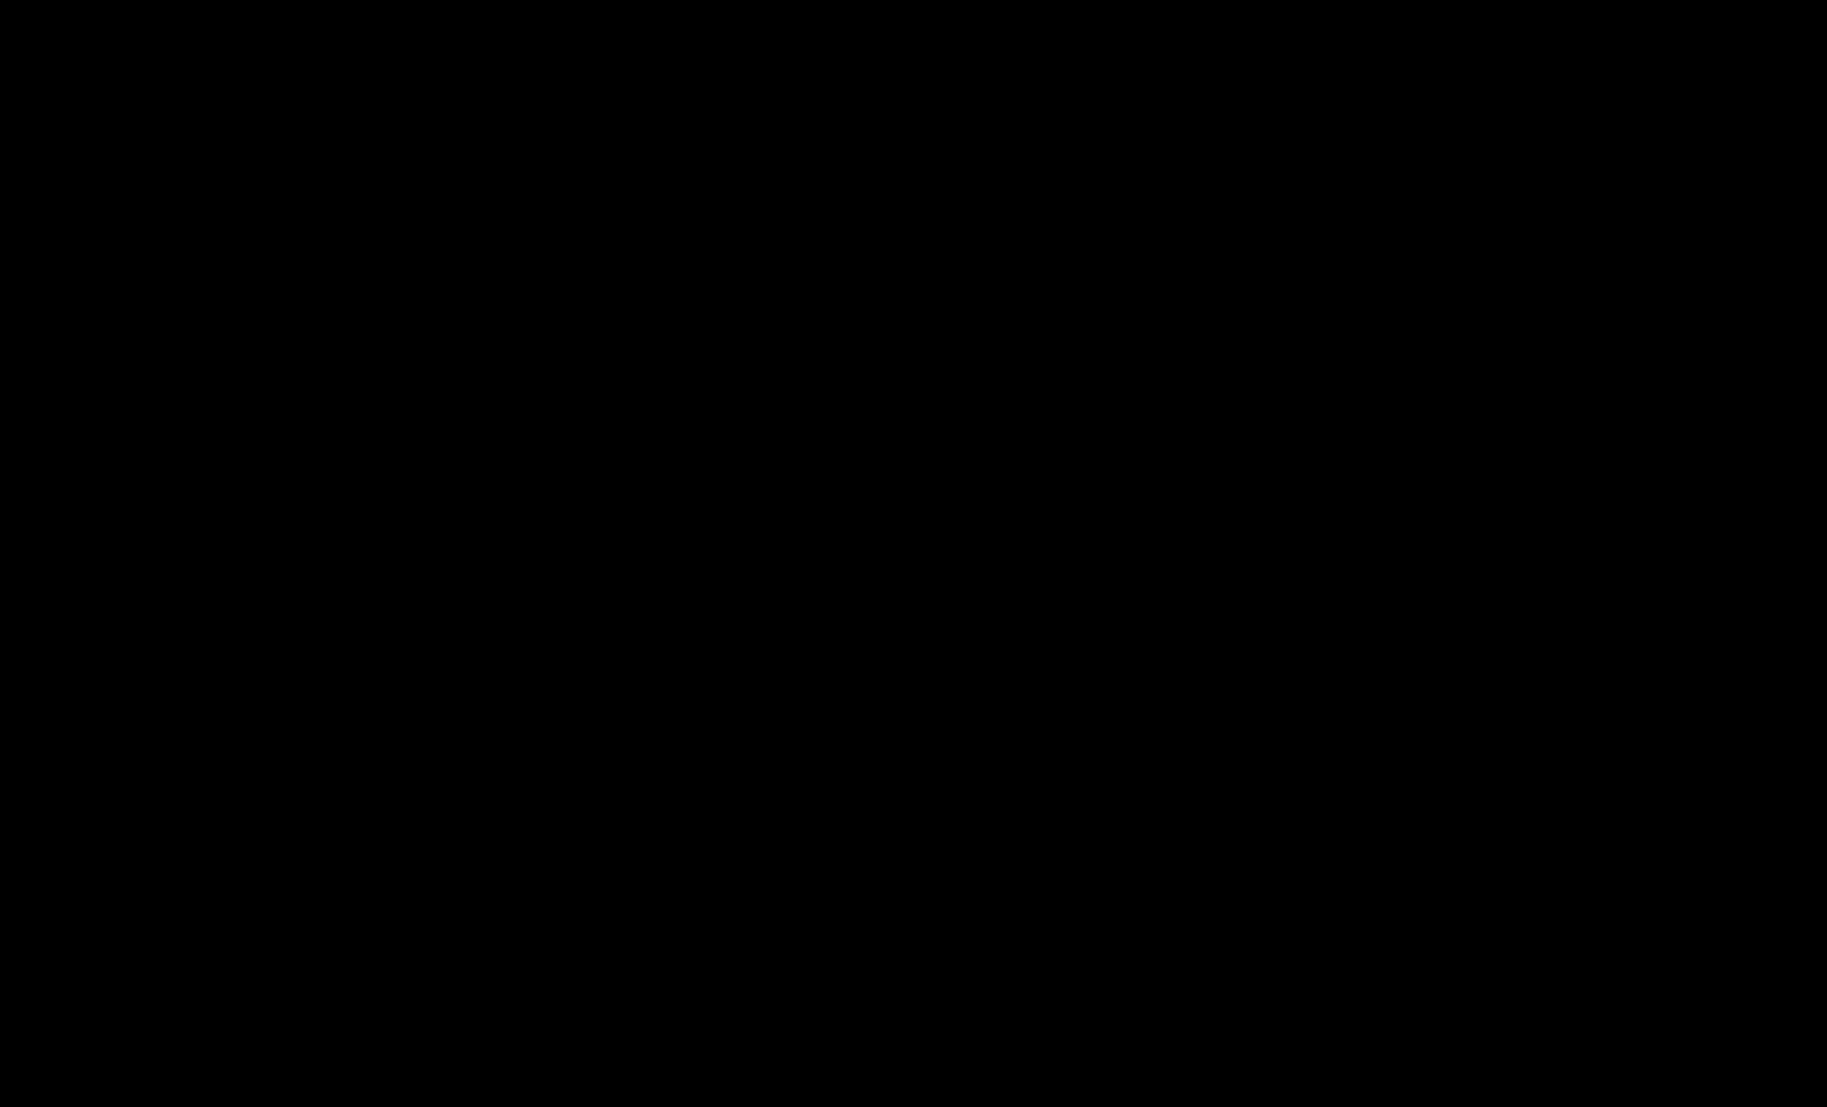 Bis-dPEG®₃-biotin